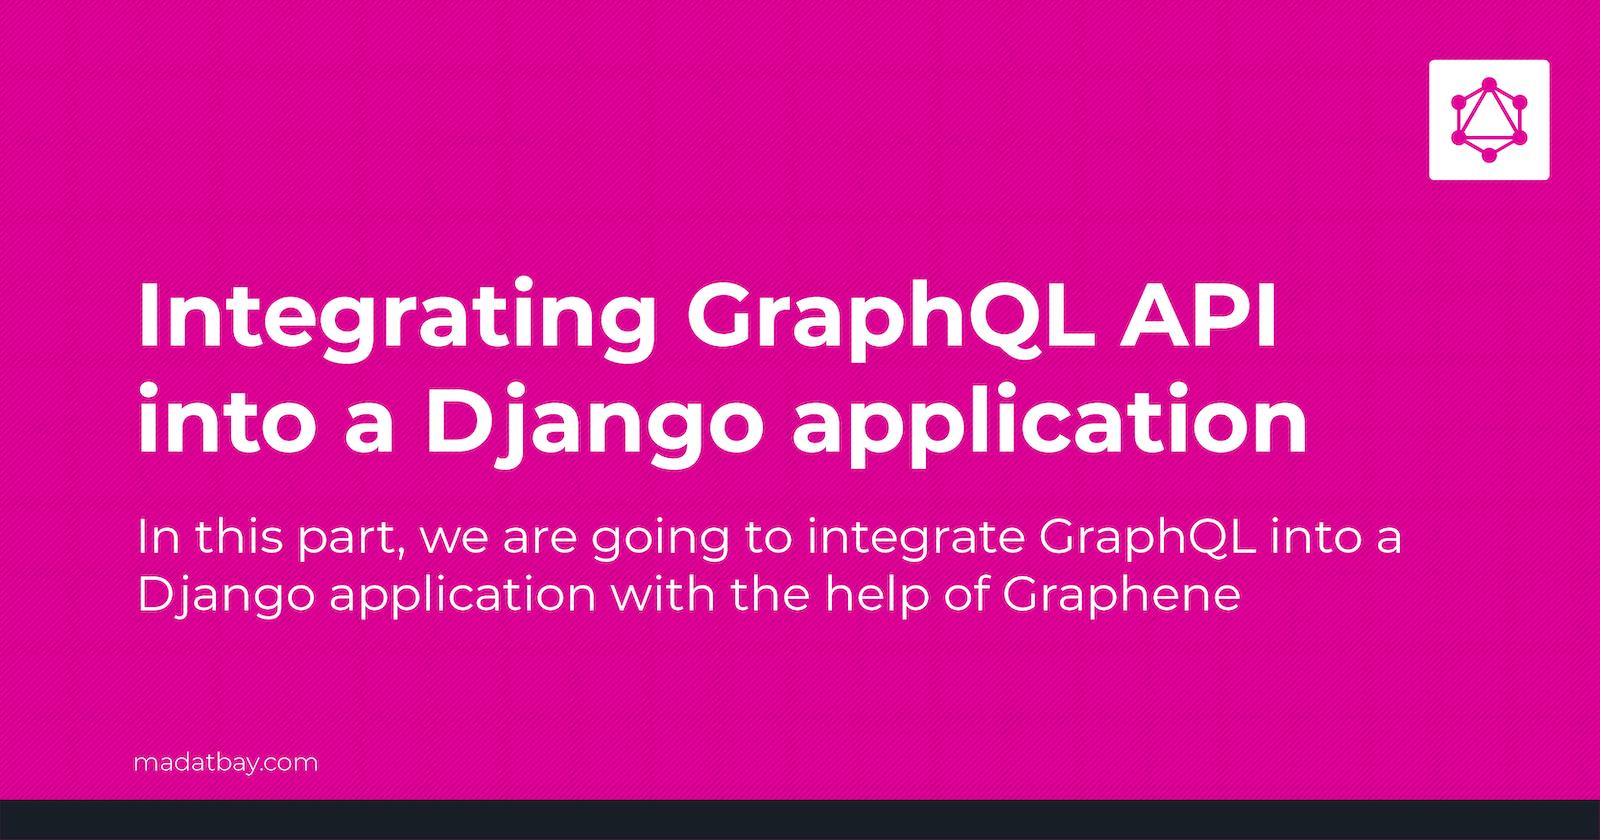 Integrating GraphQL API into a Django project #02